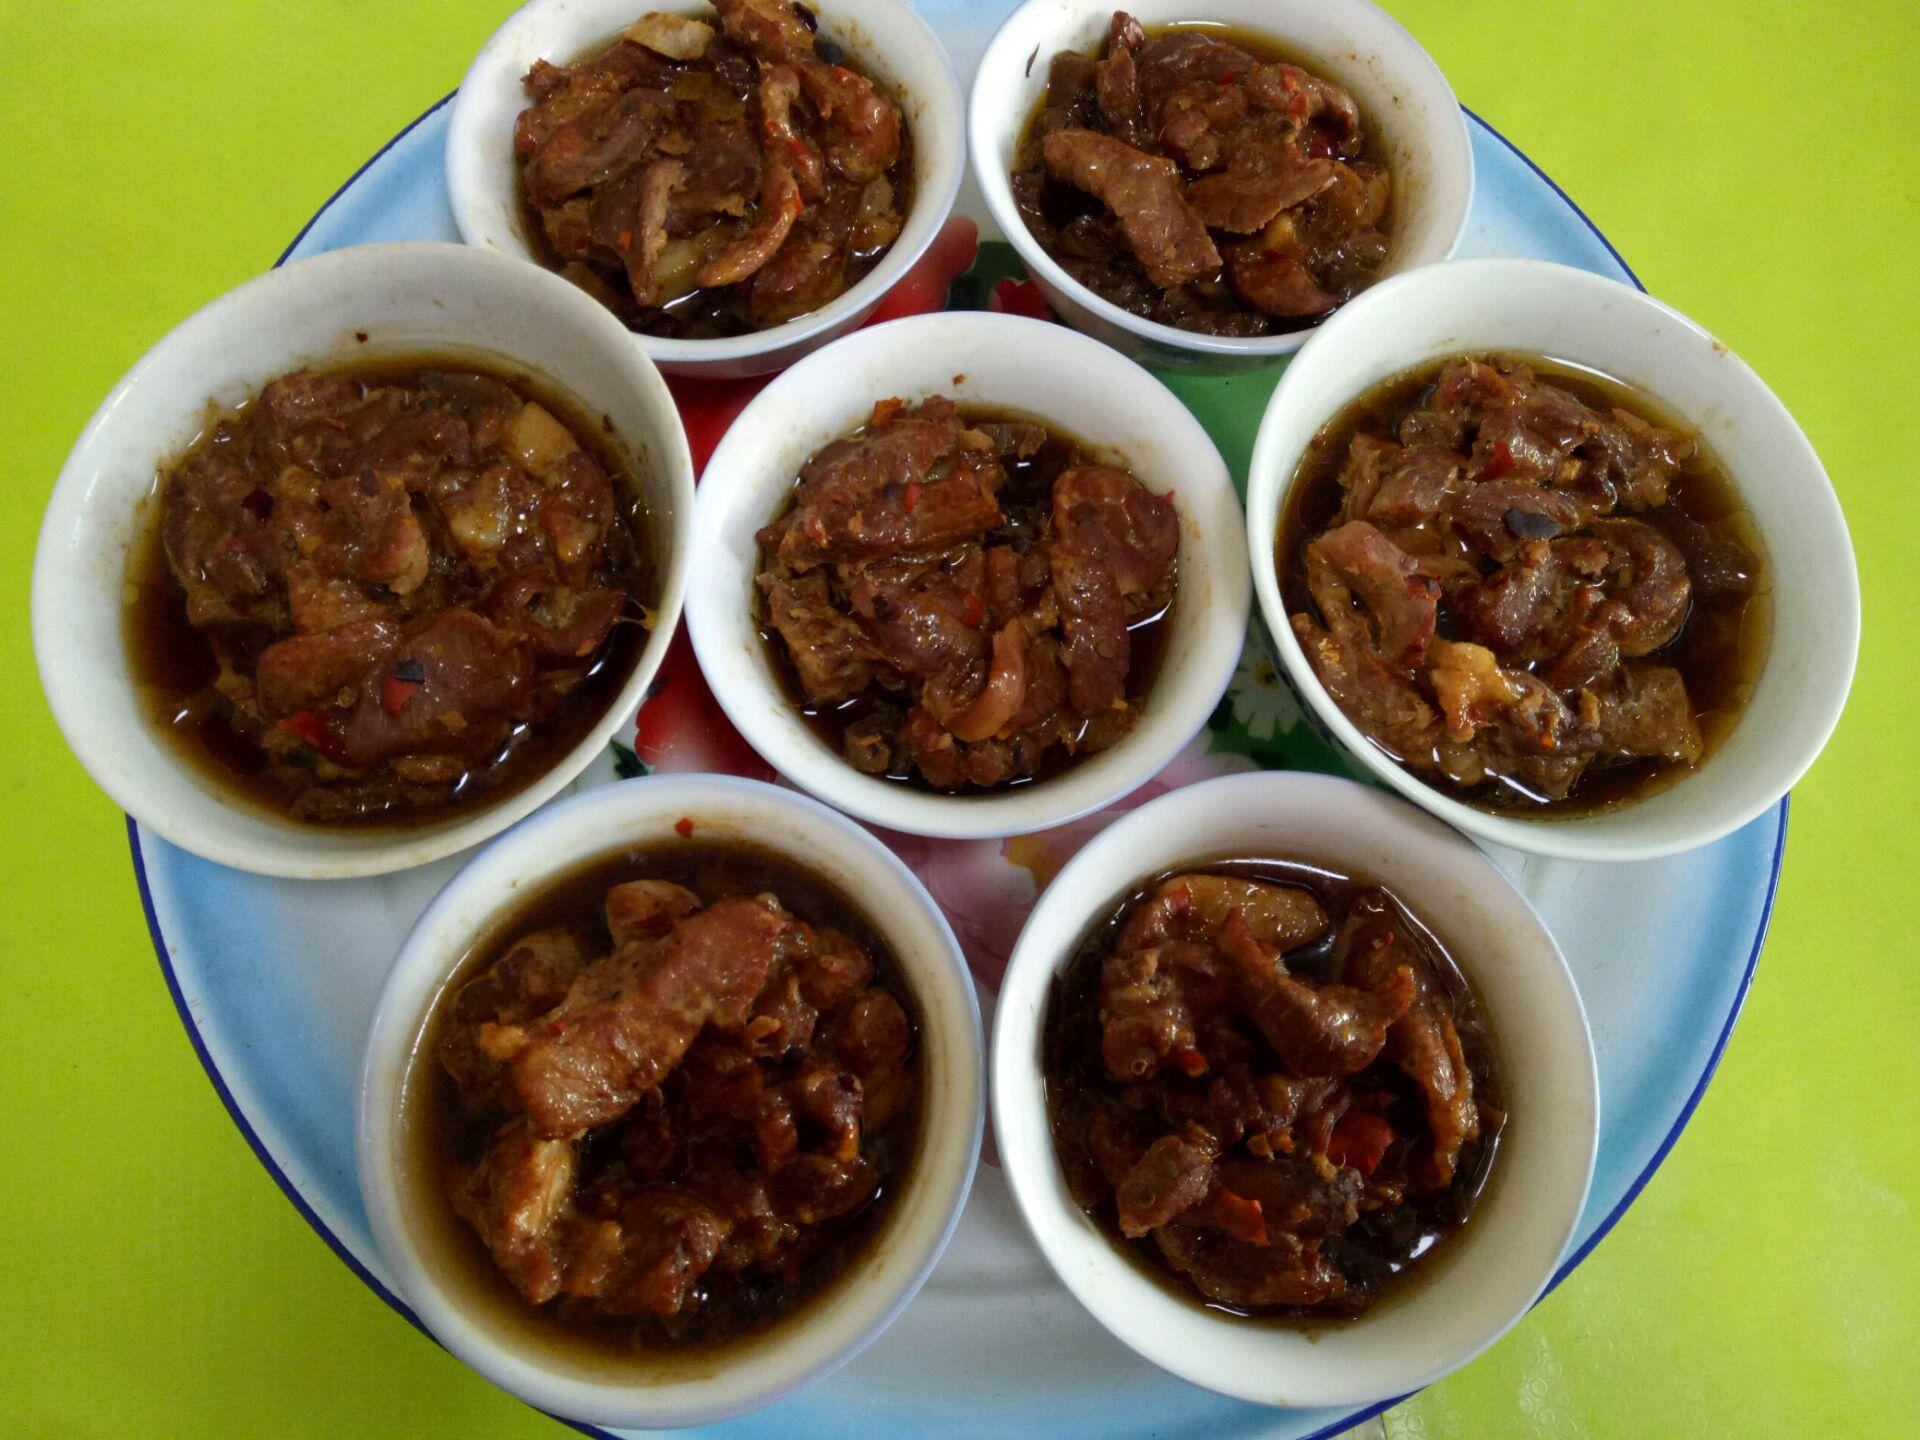 十三香鸡粉菜谱乐乐自家菜--腌菜蒸肉的做法料酒本白果的步骤炖鹅肉图片